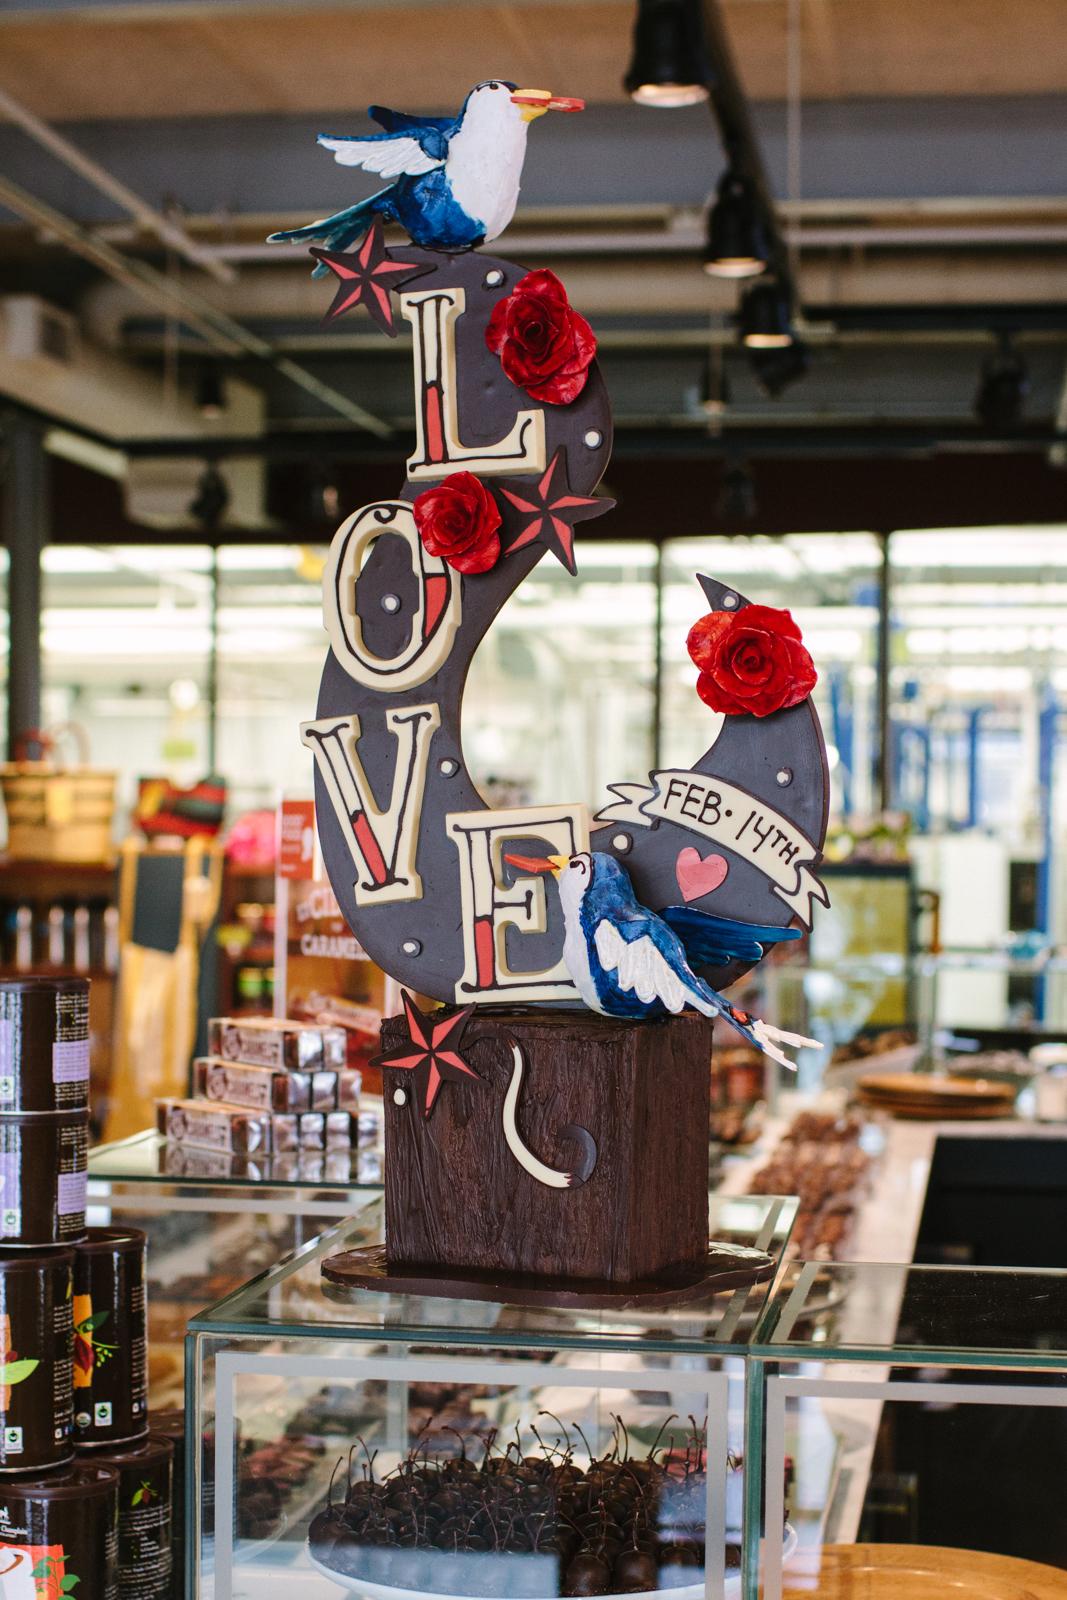 valentines-day-chocolate-sculpture